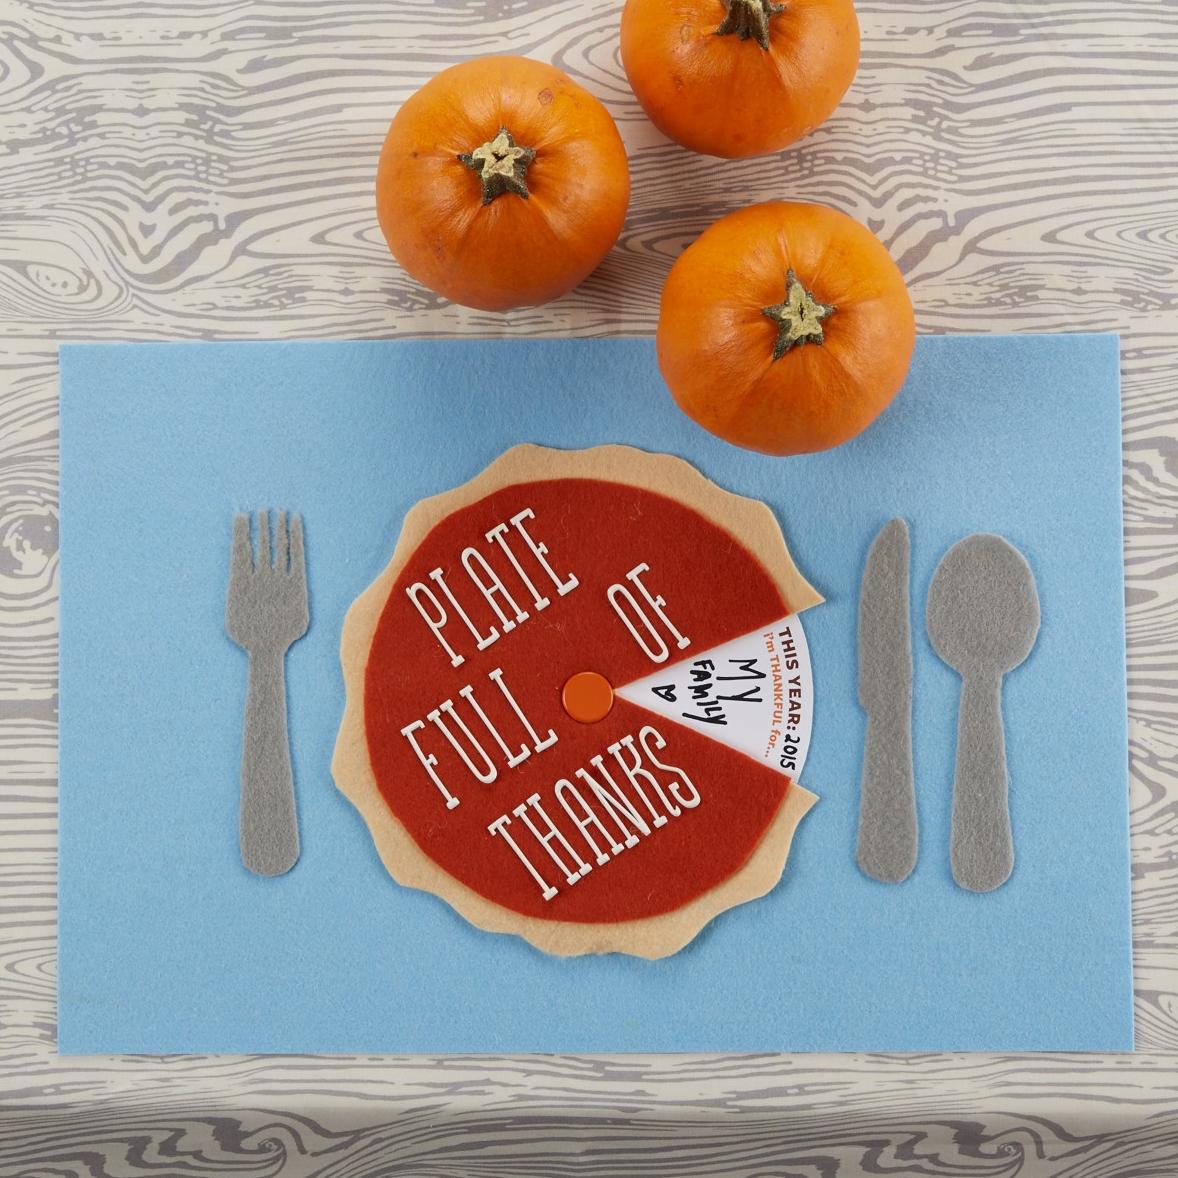 Thanksgiving Placemat  for  Carter's |  Steve Pomberg